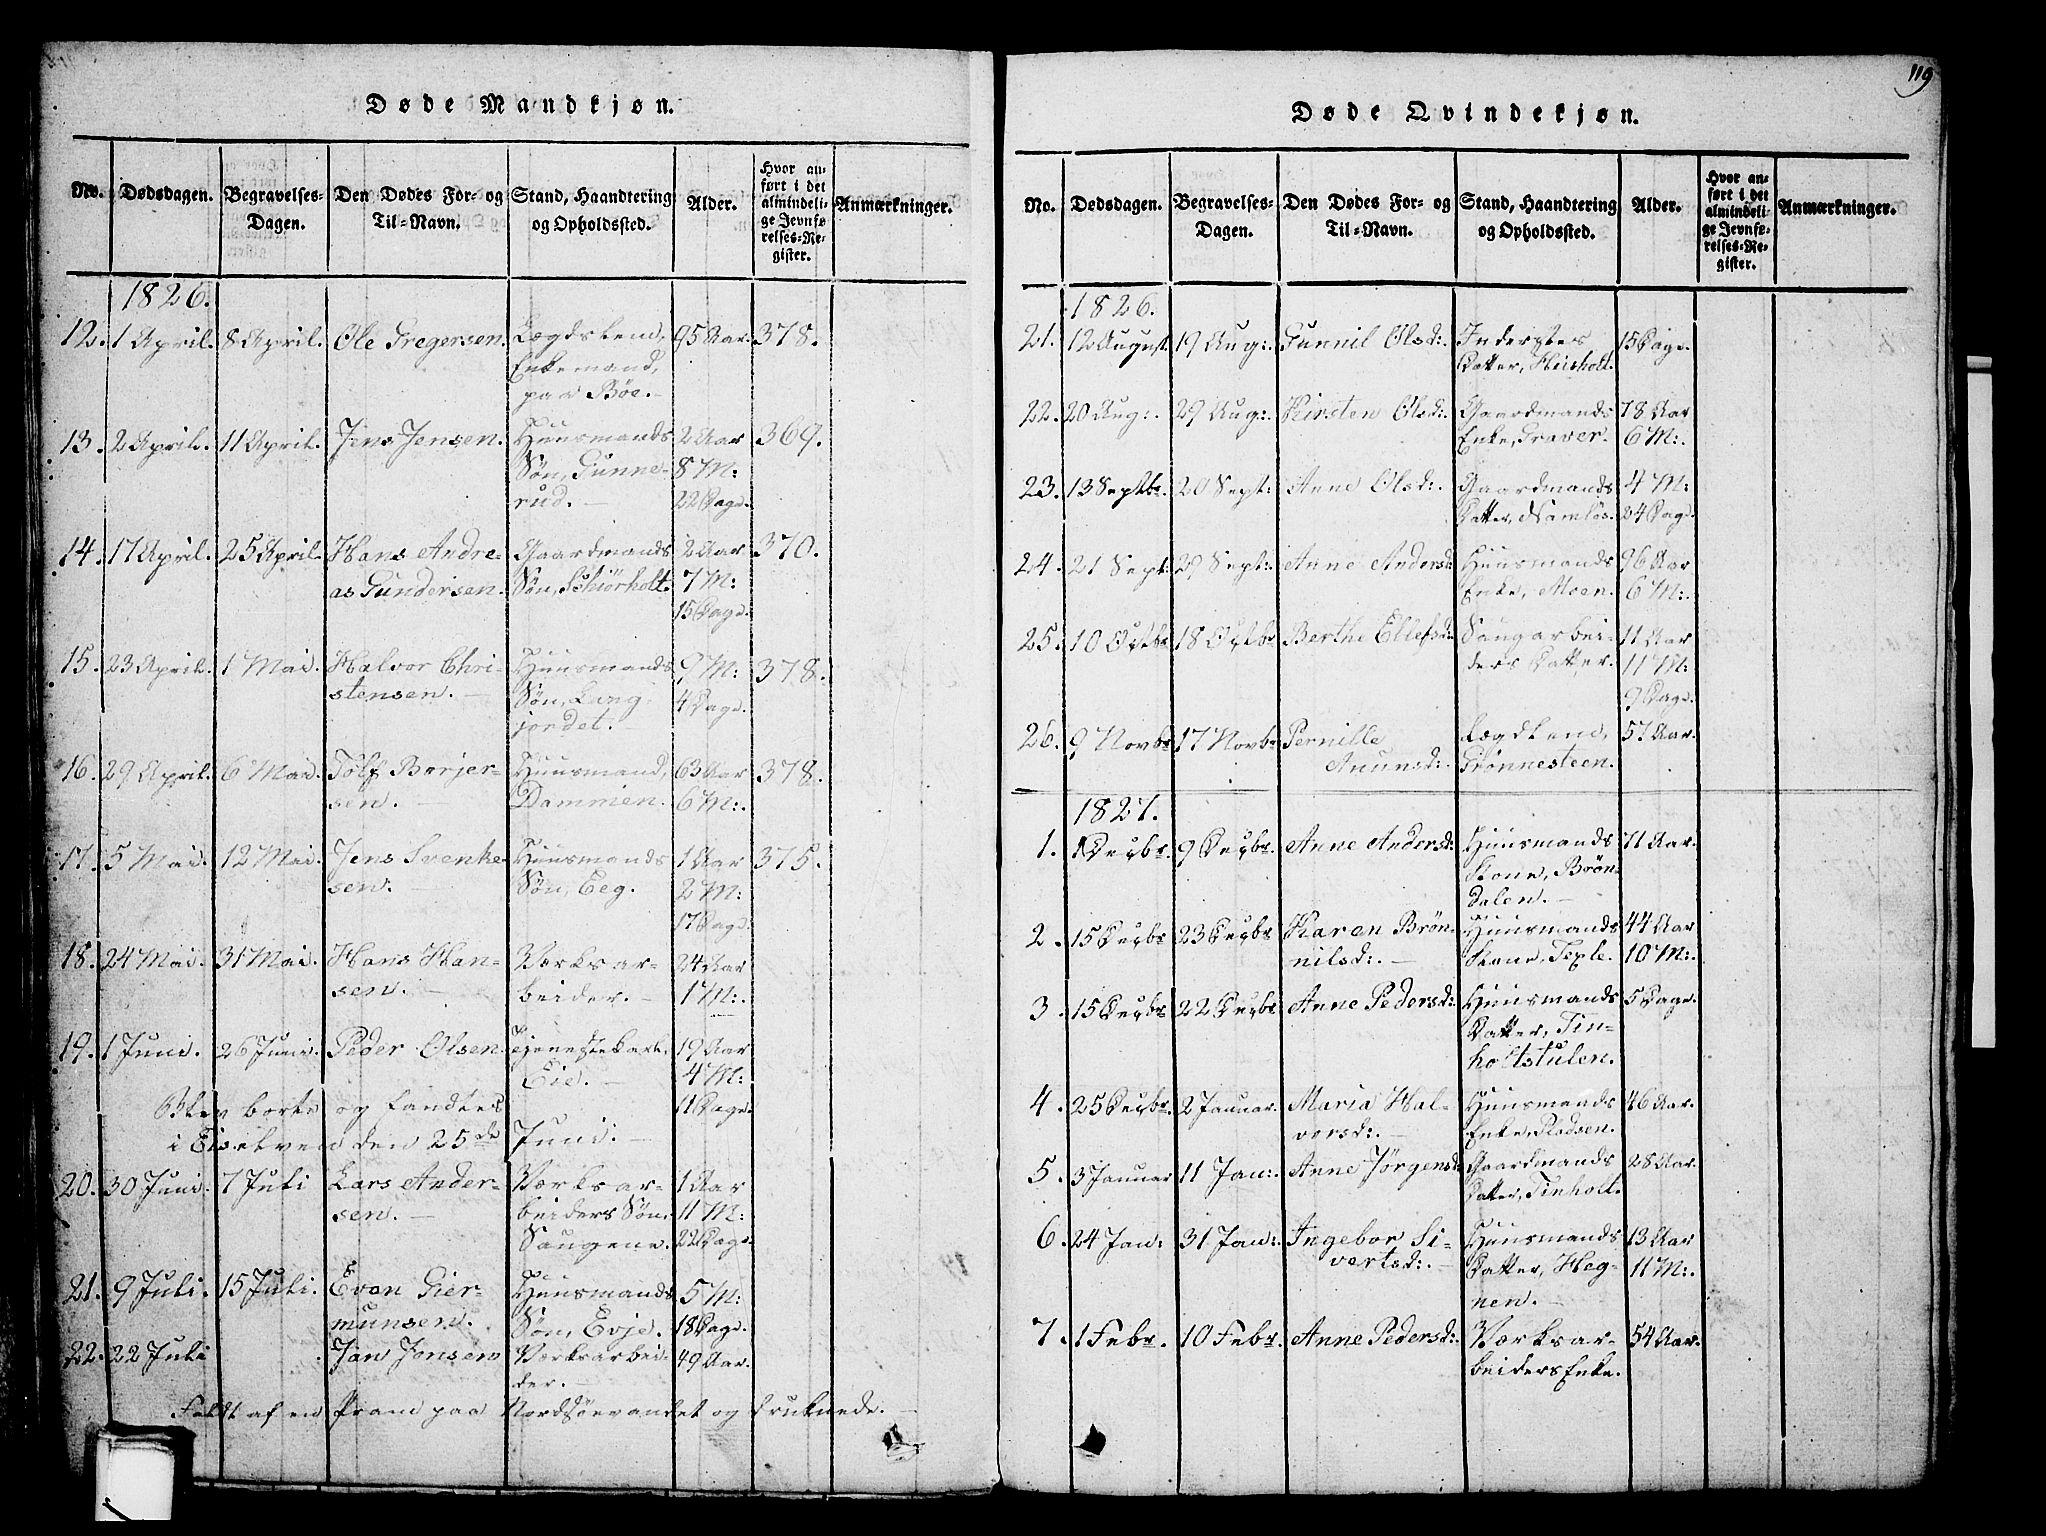 SAKO, Holla kirkebøker, G/Ga/L0001: Klokkerbok nr. I 1, 1814-1830, s. 119